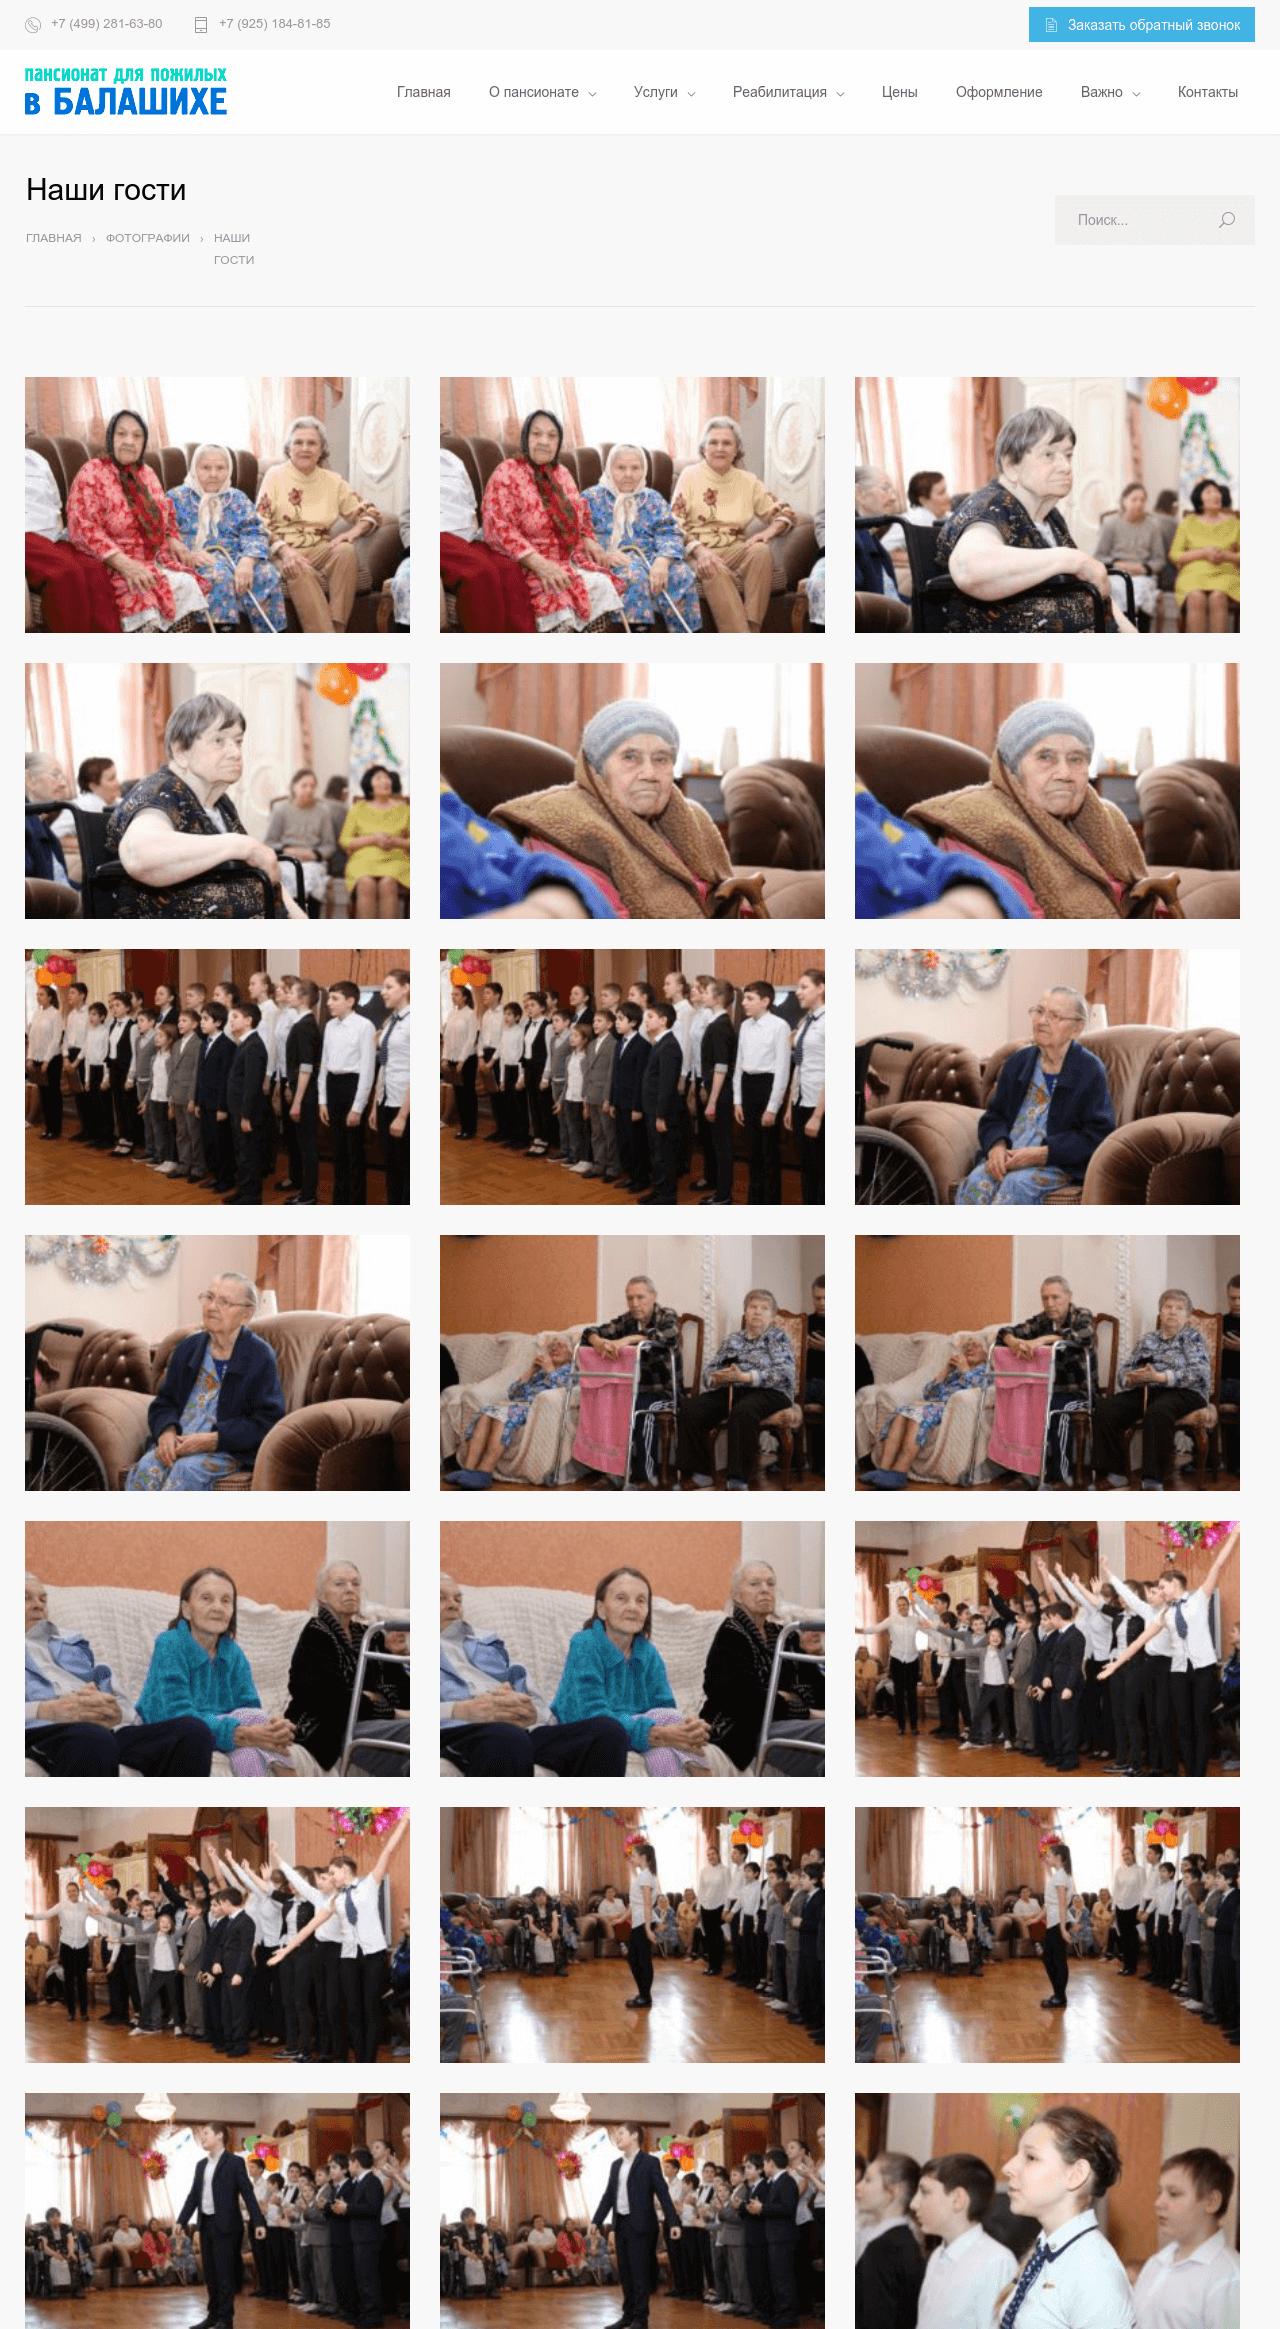 реклама санатория для пожилых в Балашихе